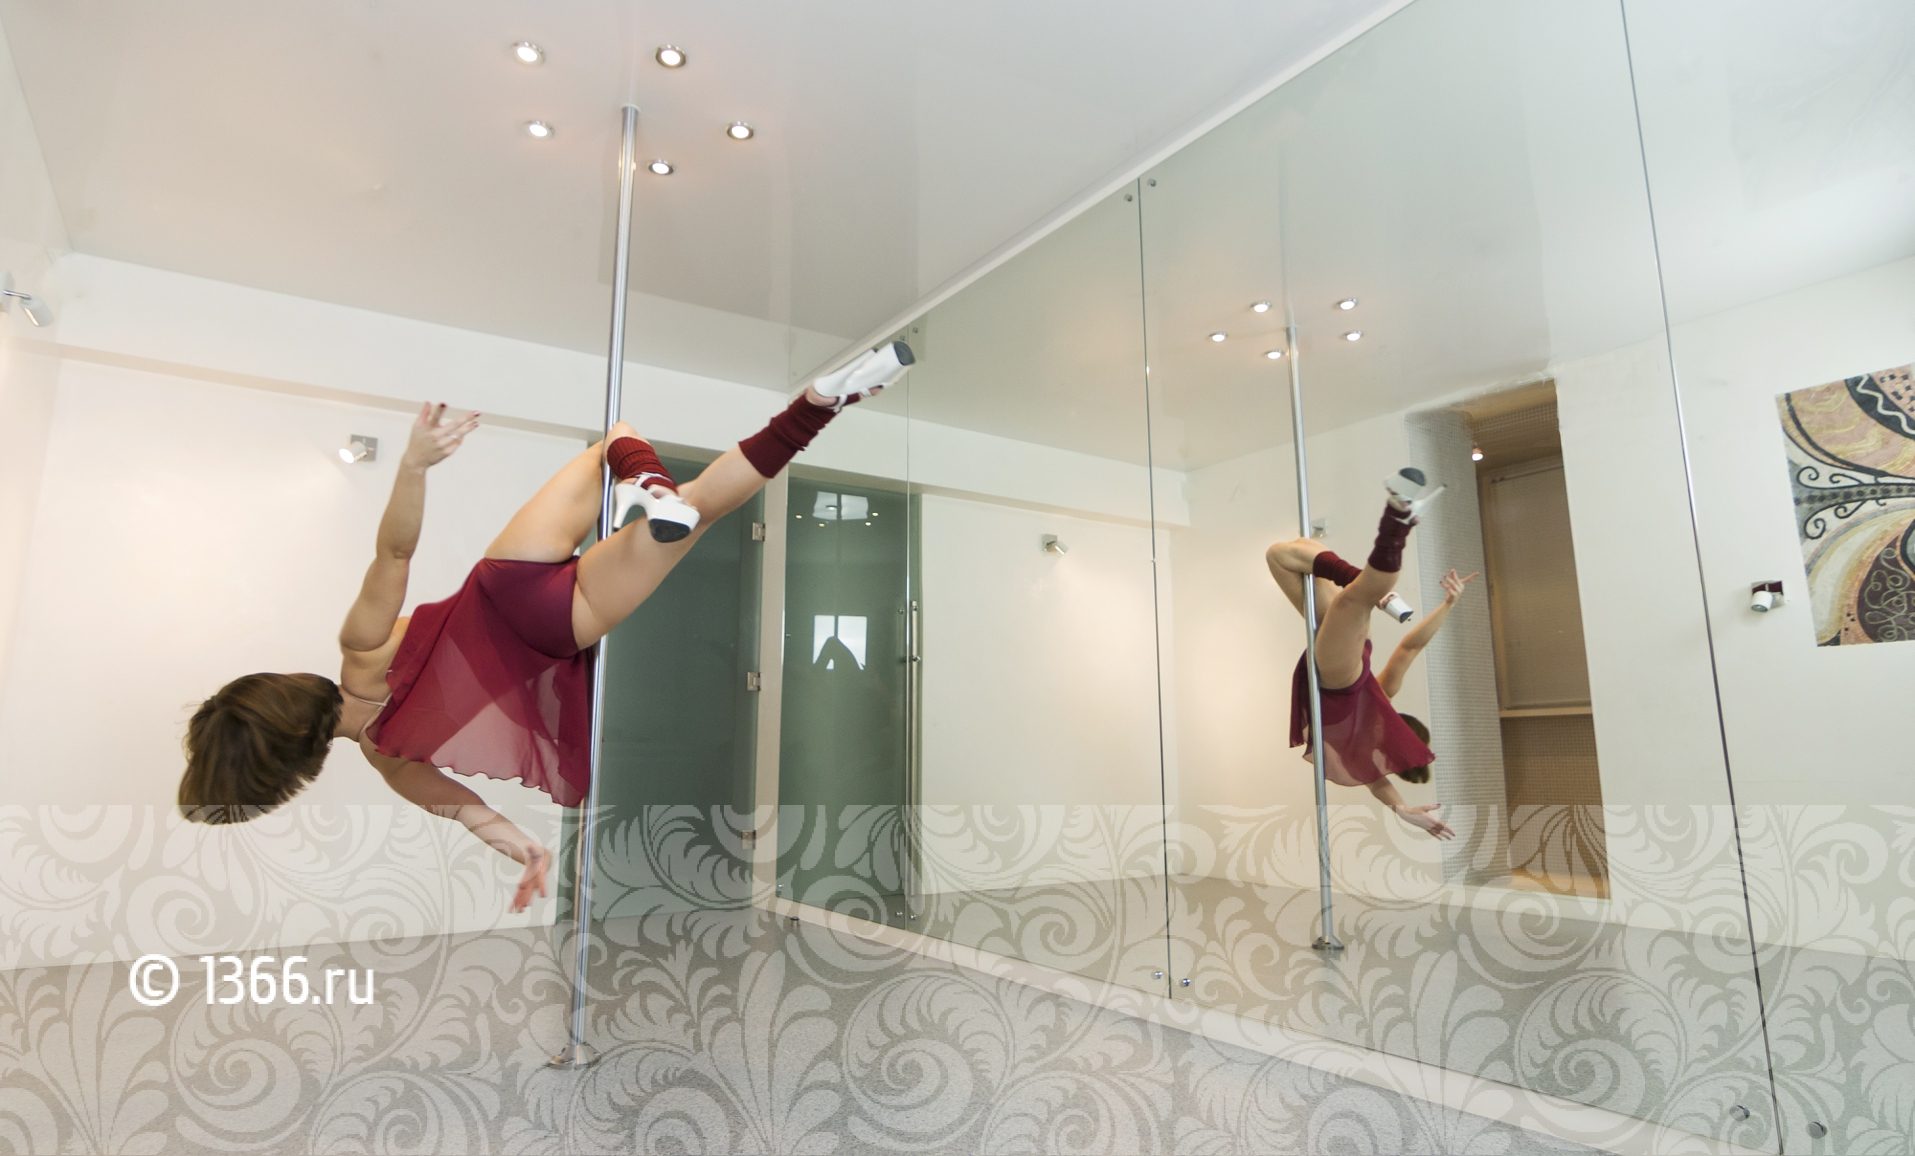 акробатические танцы на пилоне